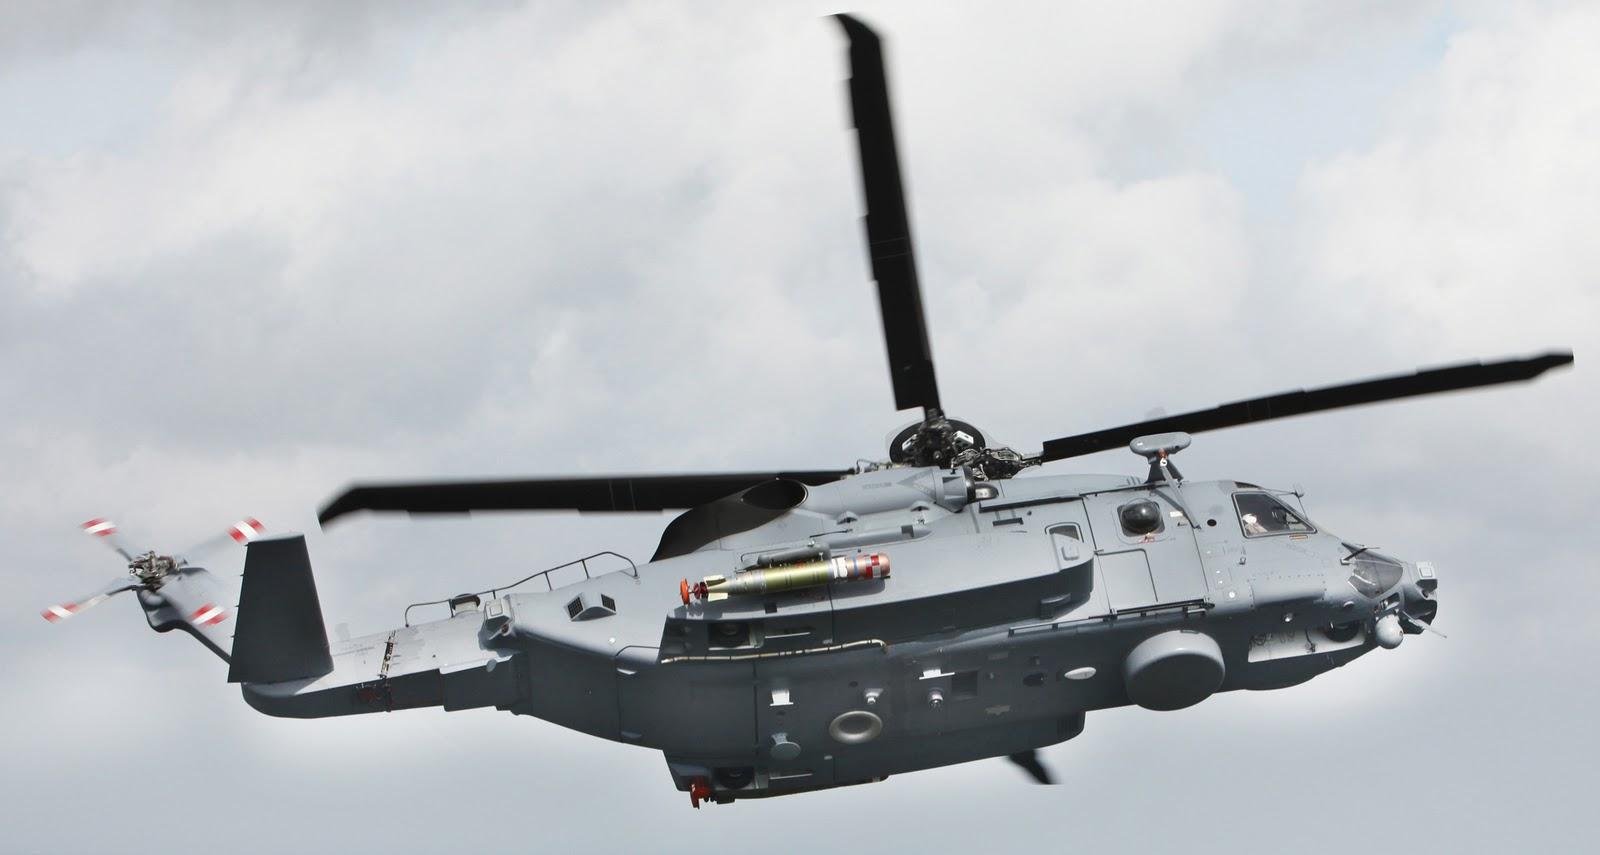 Облик канадского противолодочного вертолета Sikorsky CH-148 Cyclone в полной конфигурации.